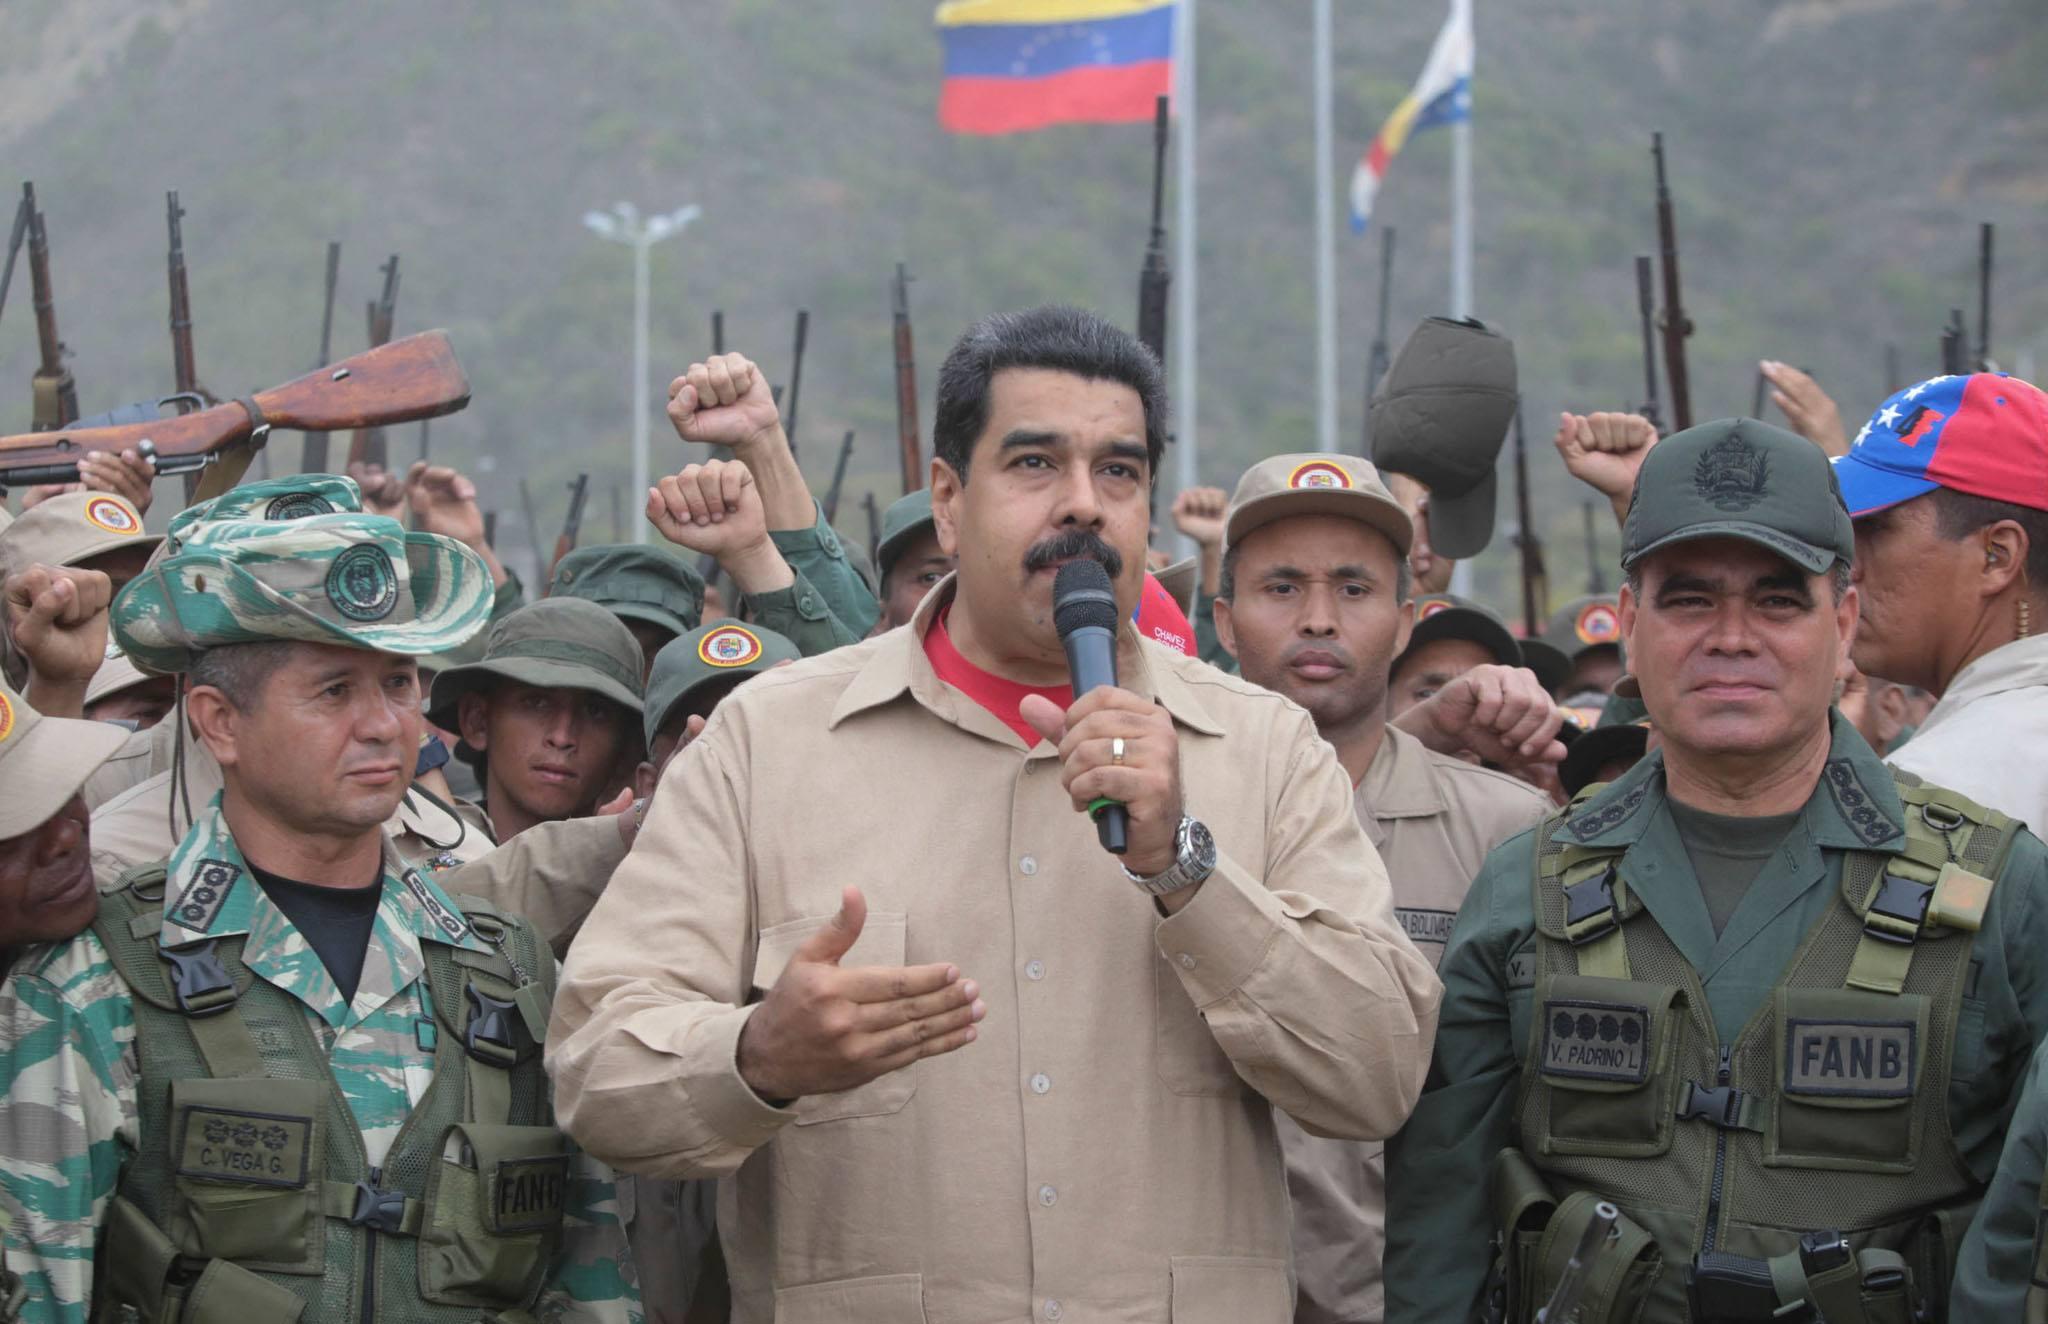 雇佣兵入侵多人被打死!委内瑞拉宣布挫败政变图谋